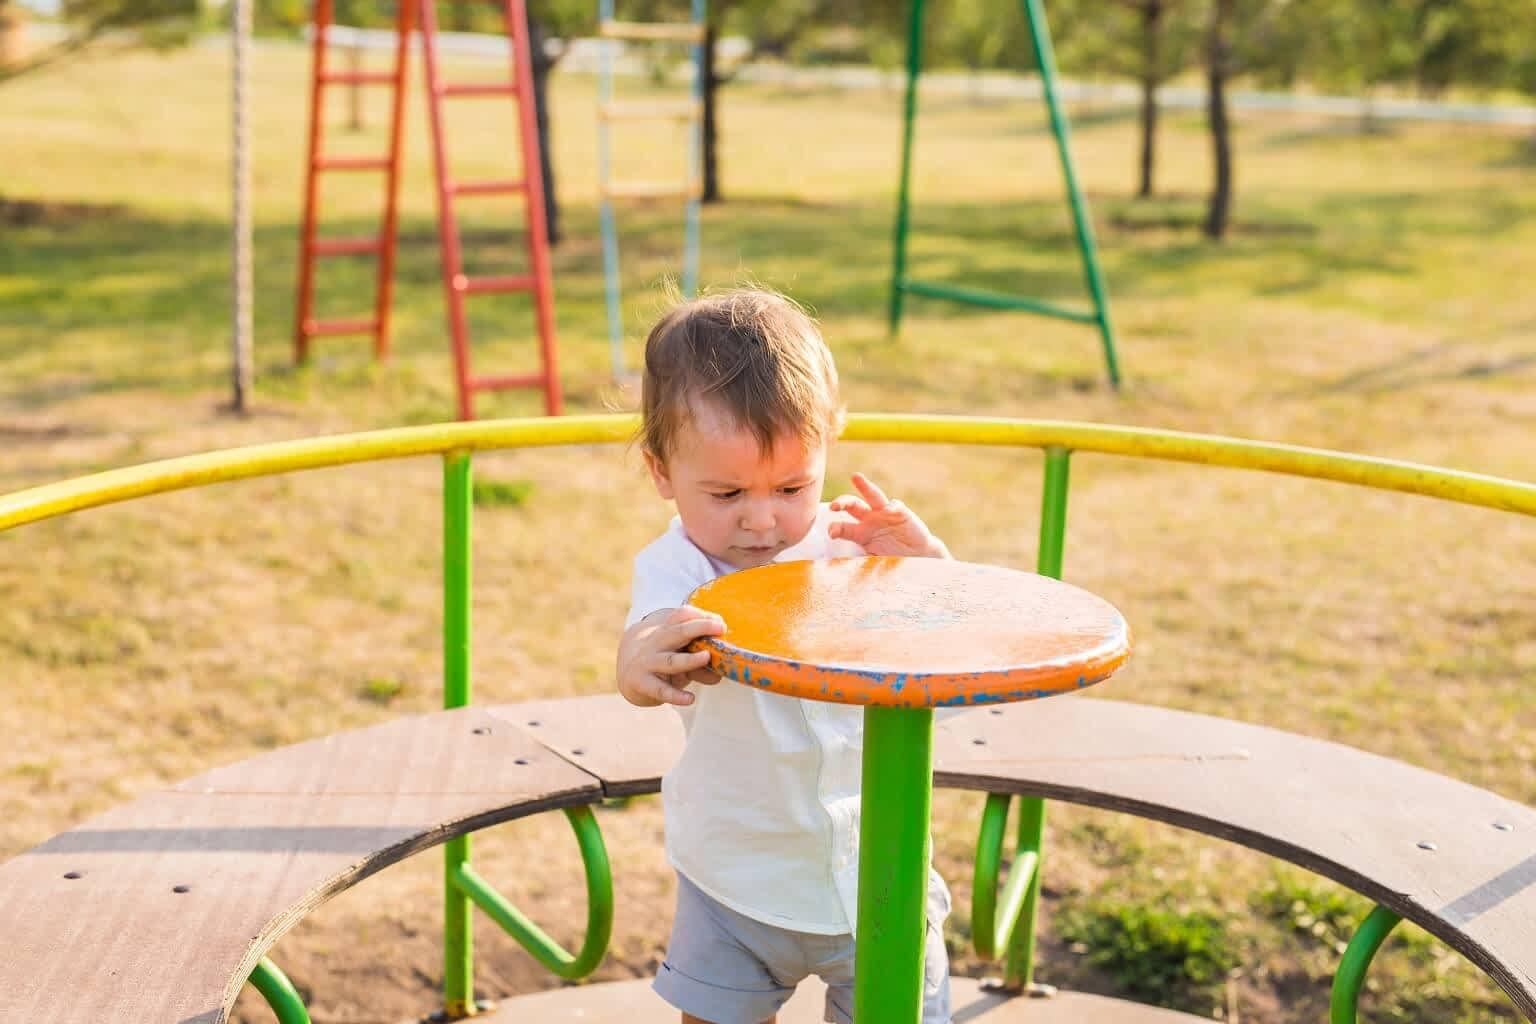 Saiba porque instalar grama sintética para playground é uma ótima opção